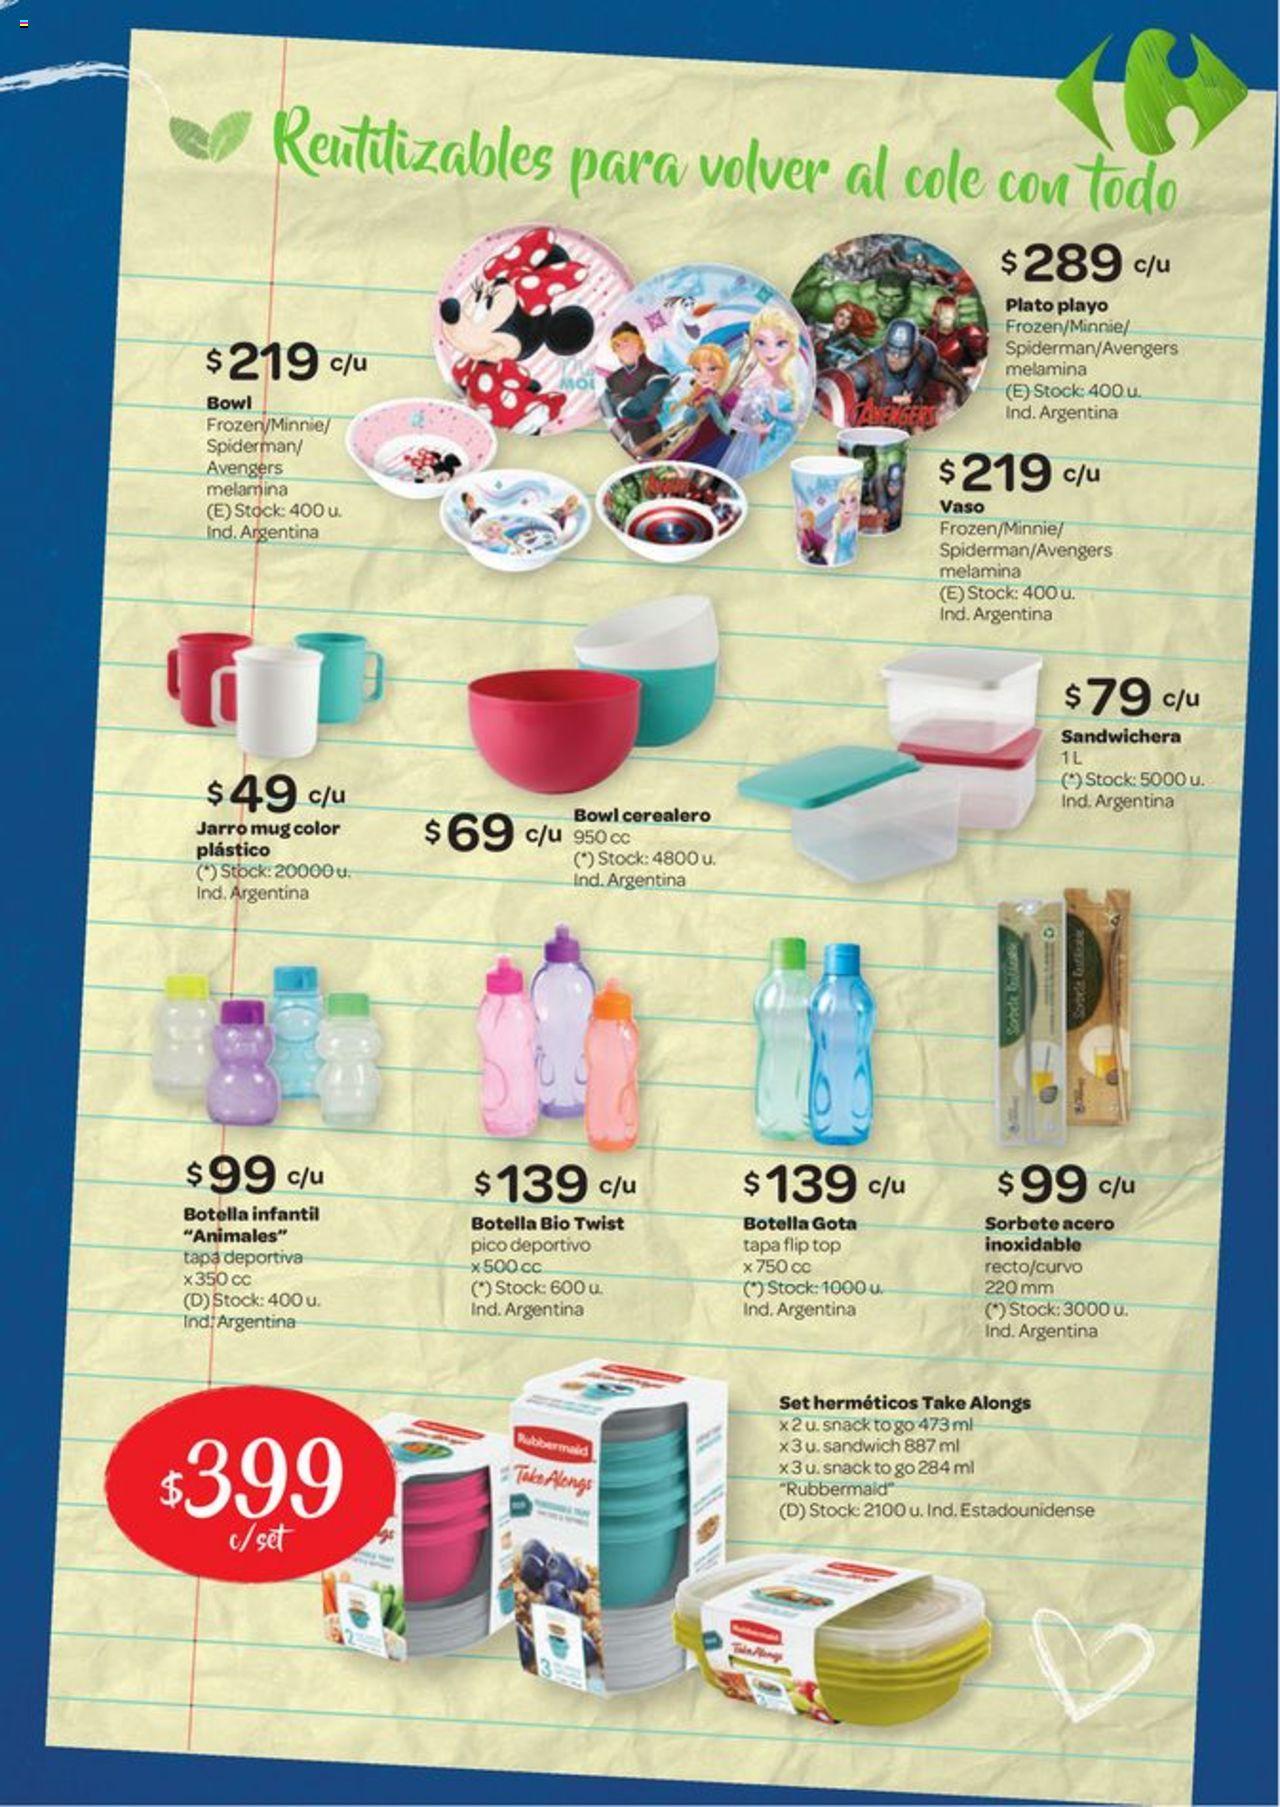 Carrefour Oferta válido desde el 13/02/2020 número de página 1 | Página: 17